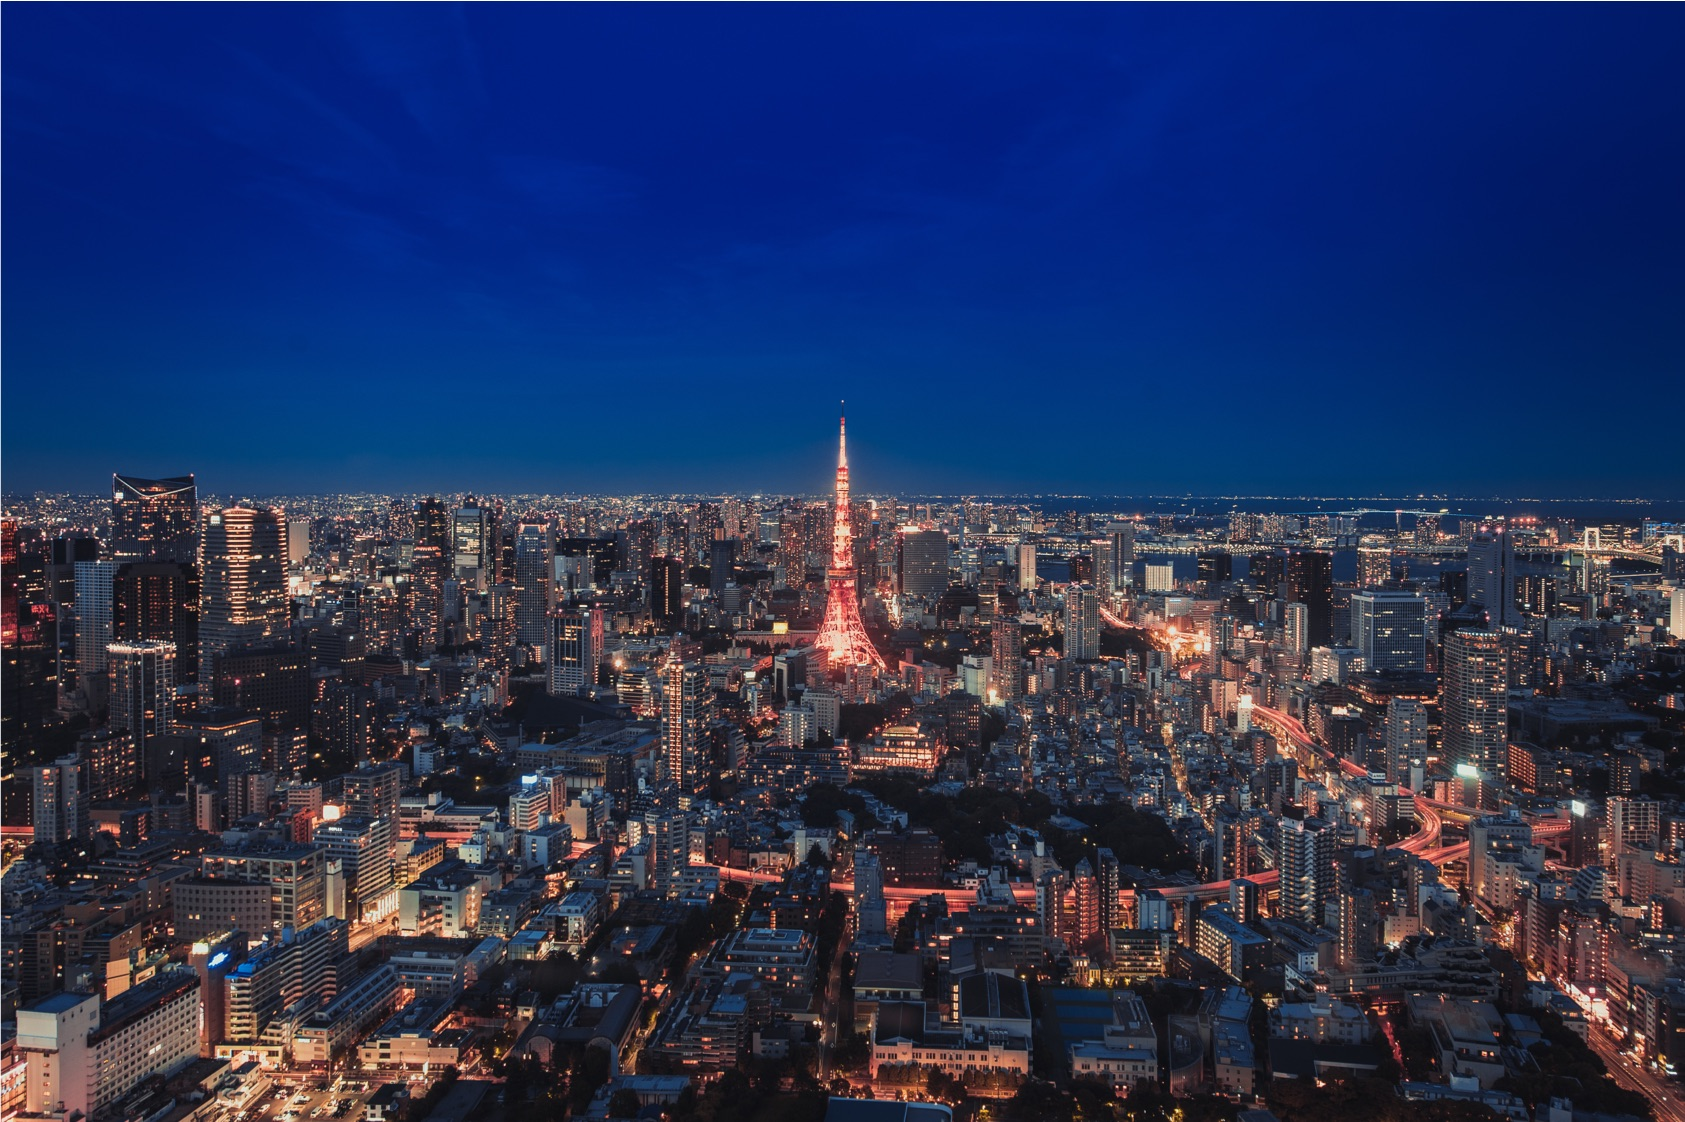 2022年 4/5 日本子彈列車豪華賞櫻之旅7日 4/6 從原居地抵達東京成田機場(NRT)